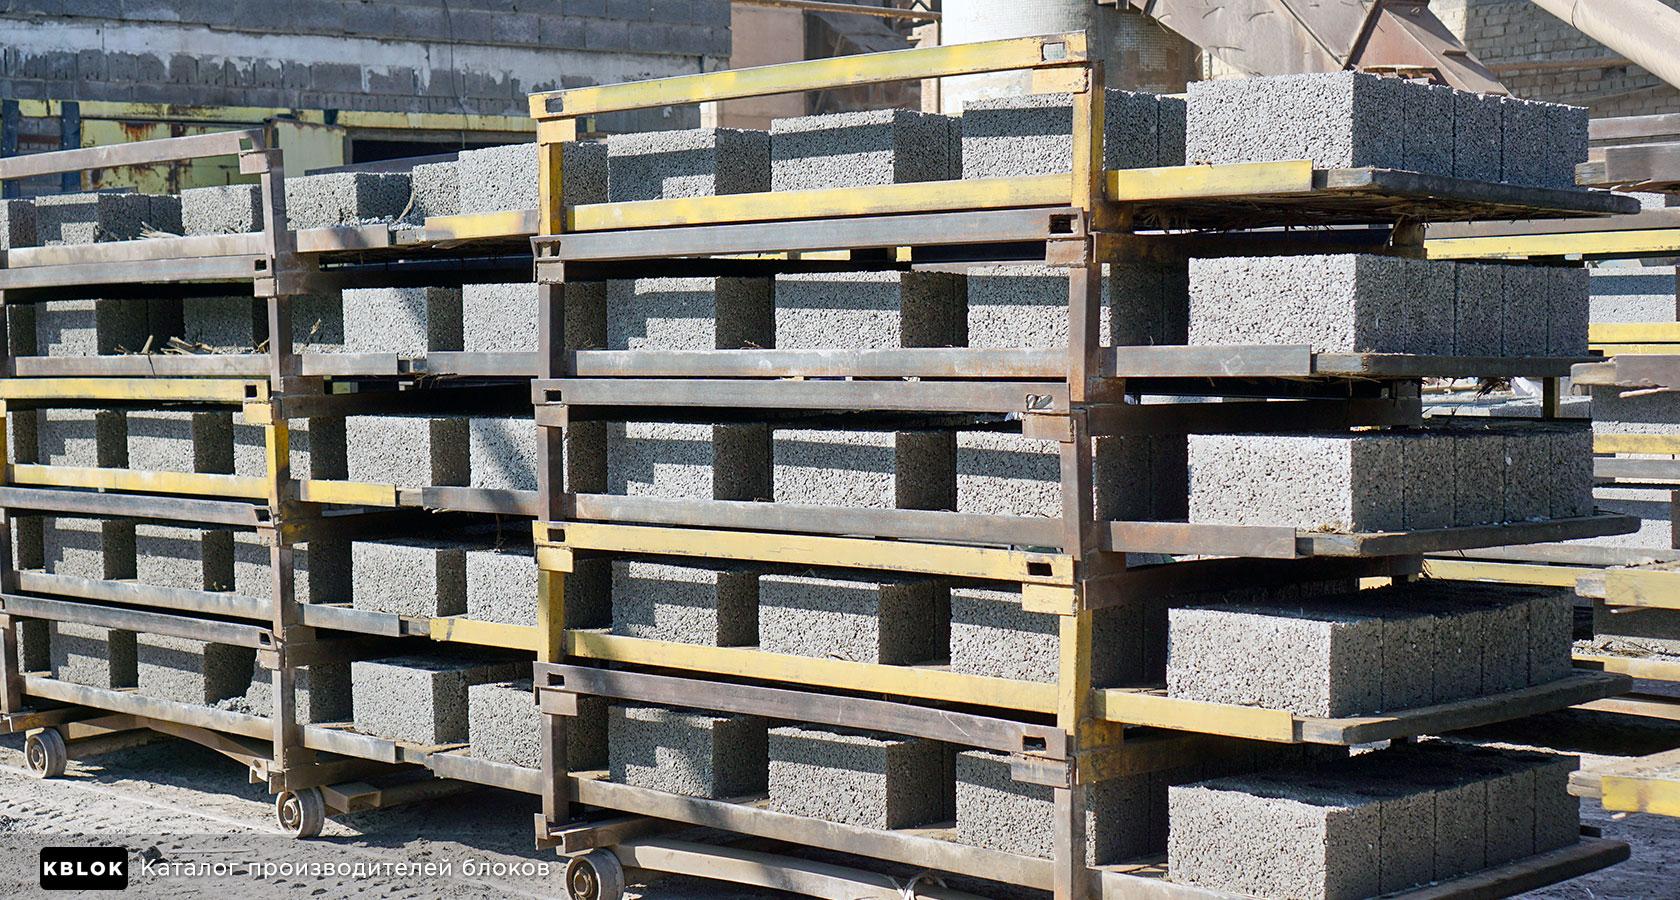 тележки с блоками